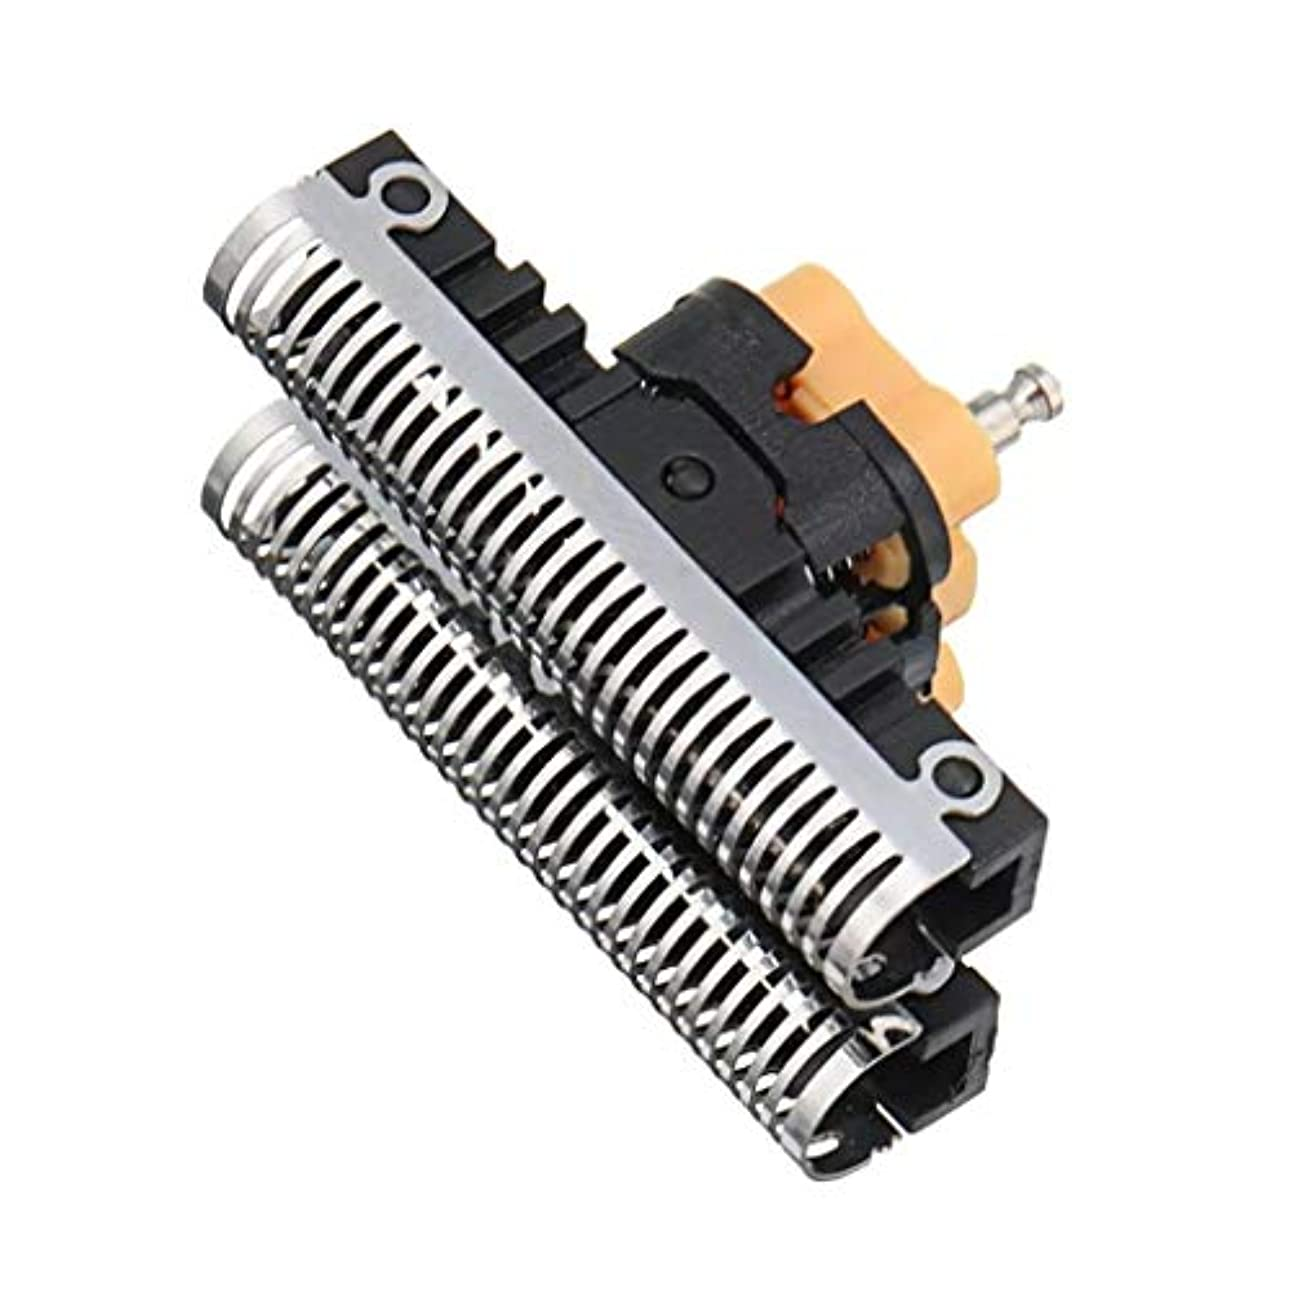 チェリー帝国従来のシェーバー ヘッド 替え刃 カミソリ ヘッド メンズ シェーバー替刃 と 1個 シェーバー フォイル Braun 51Sモデルとの互換性 (ブラック)